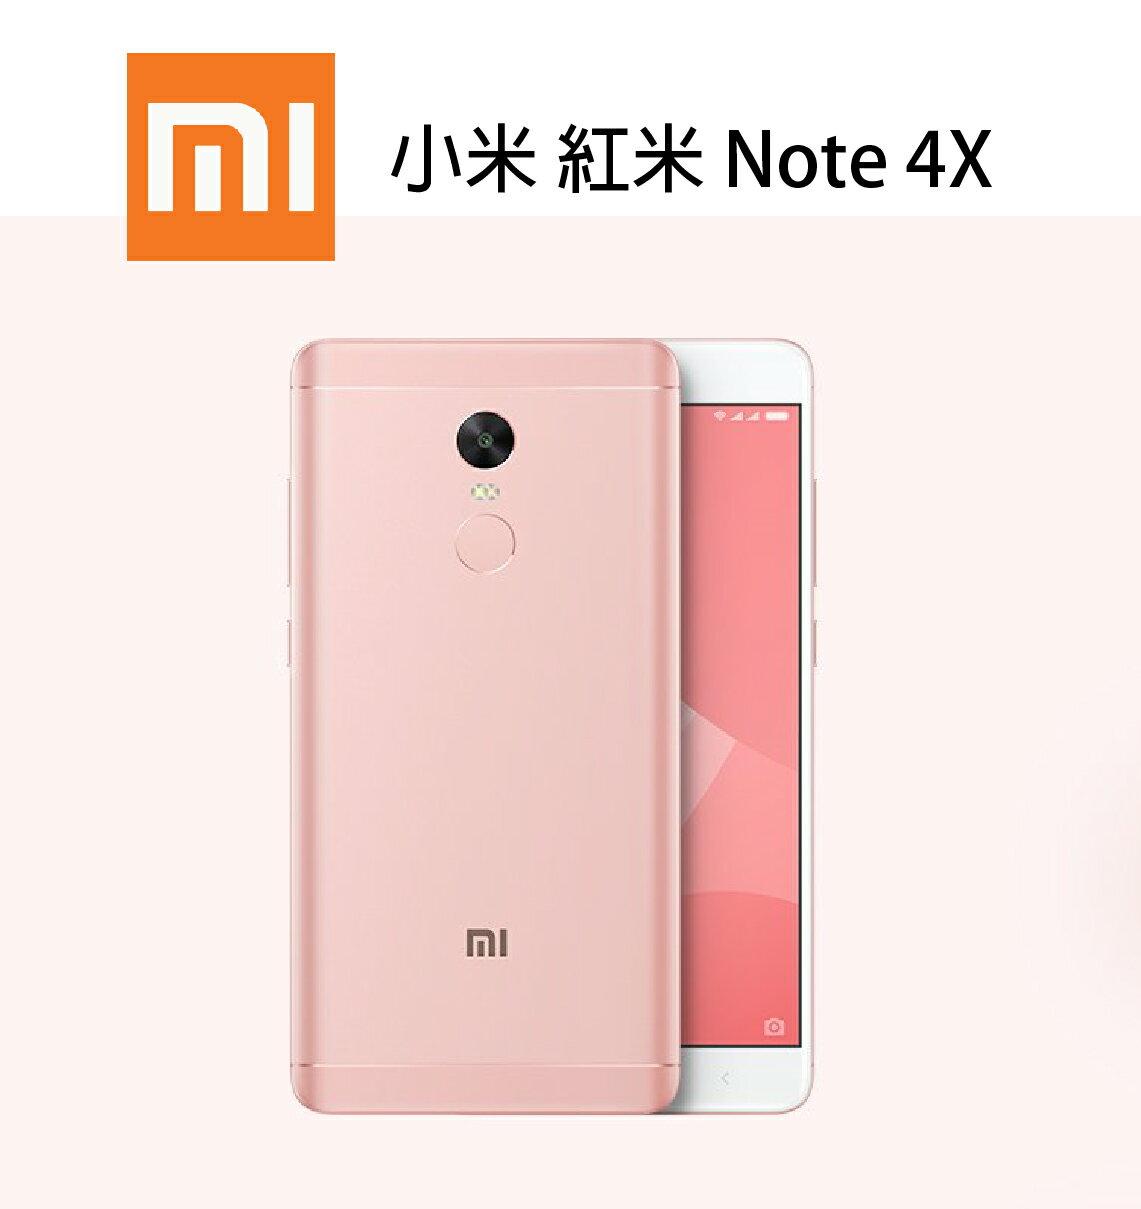 小米 紅米Note 4X 5.5 吋 4G/64G 雙卡雙待 -粉 [分期零利率]